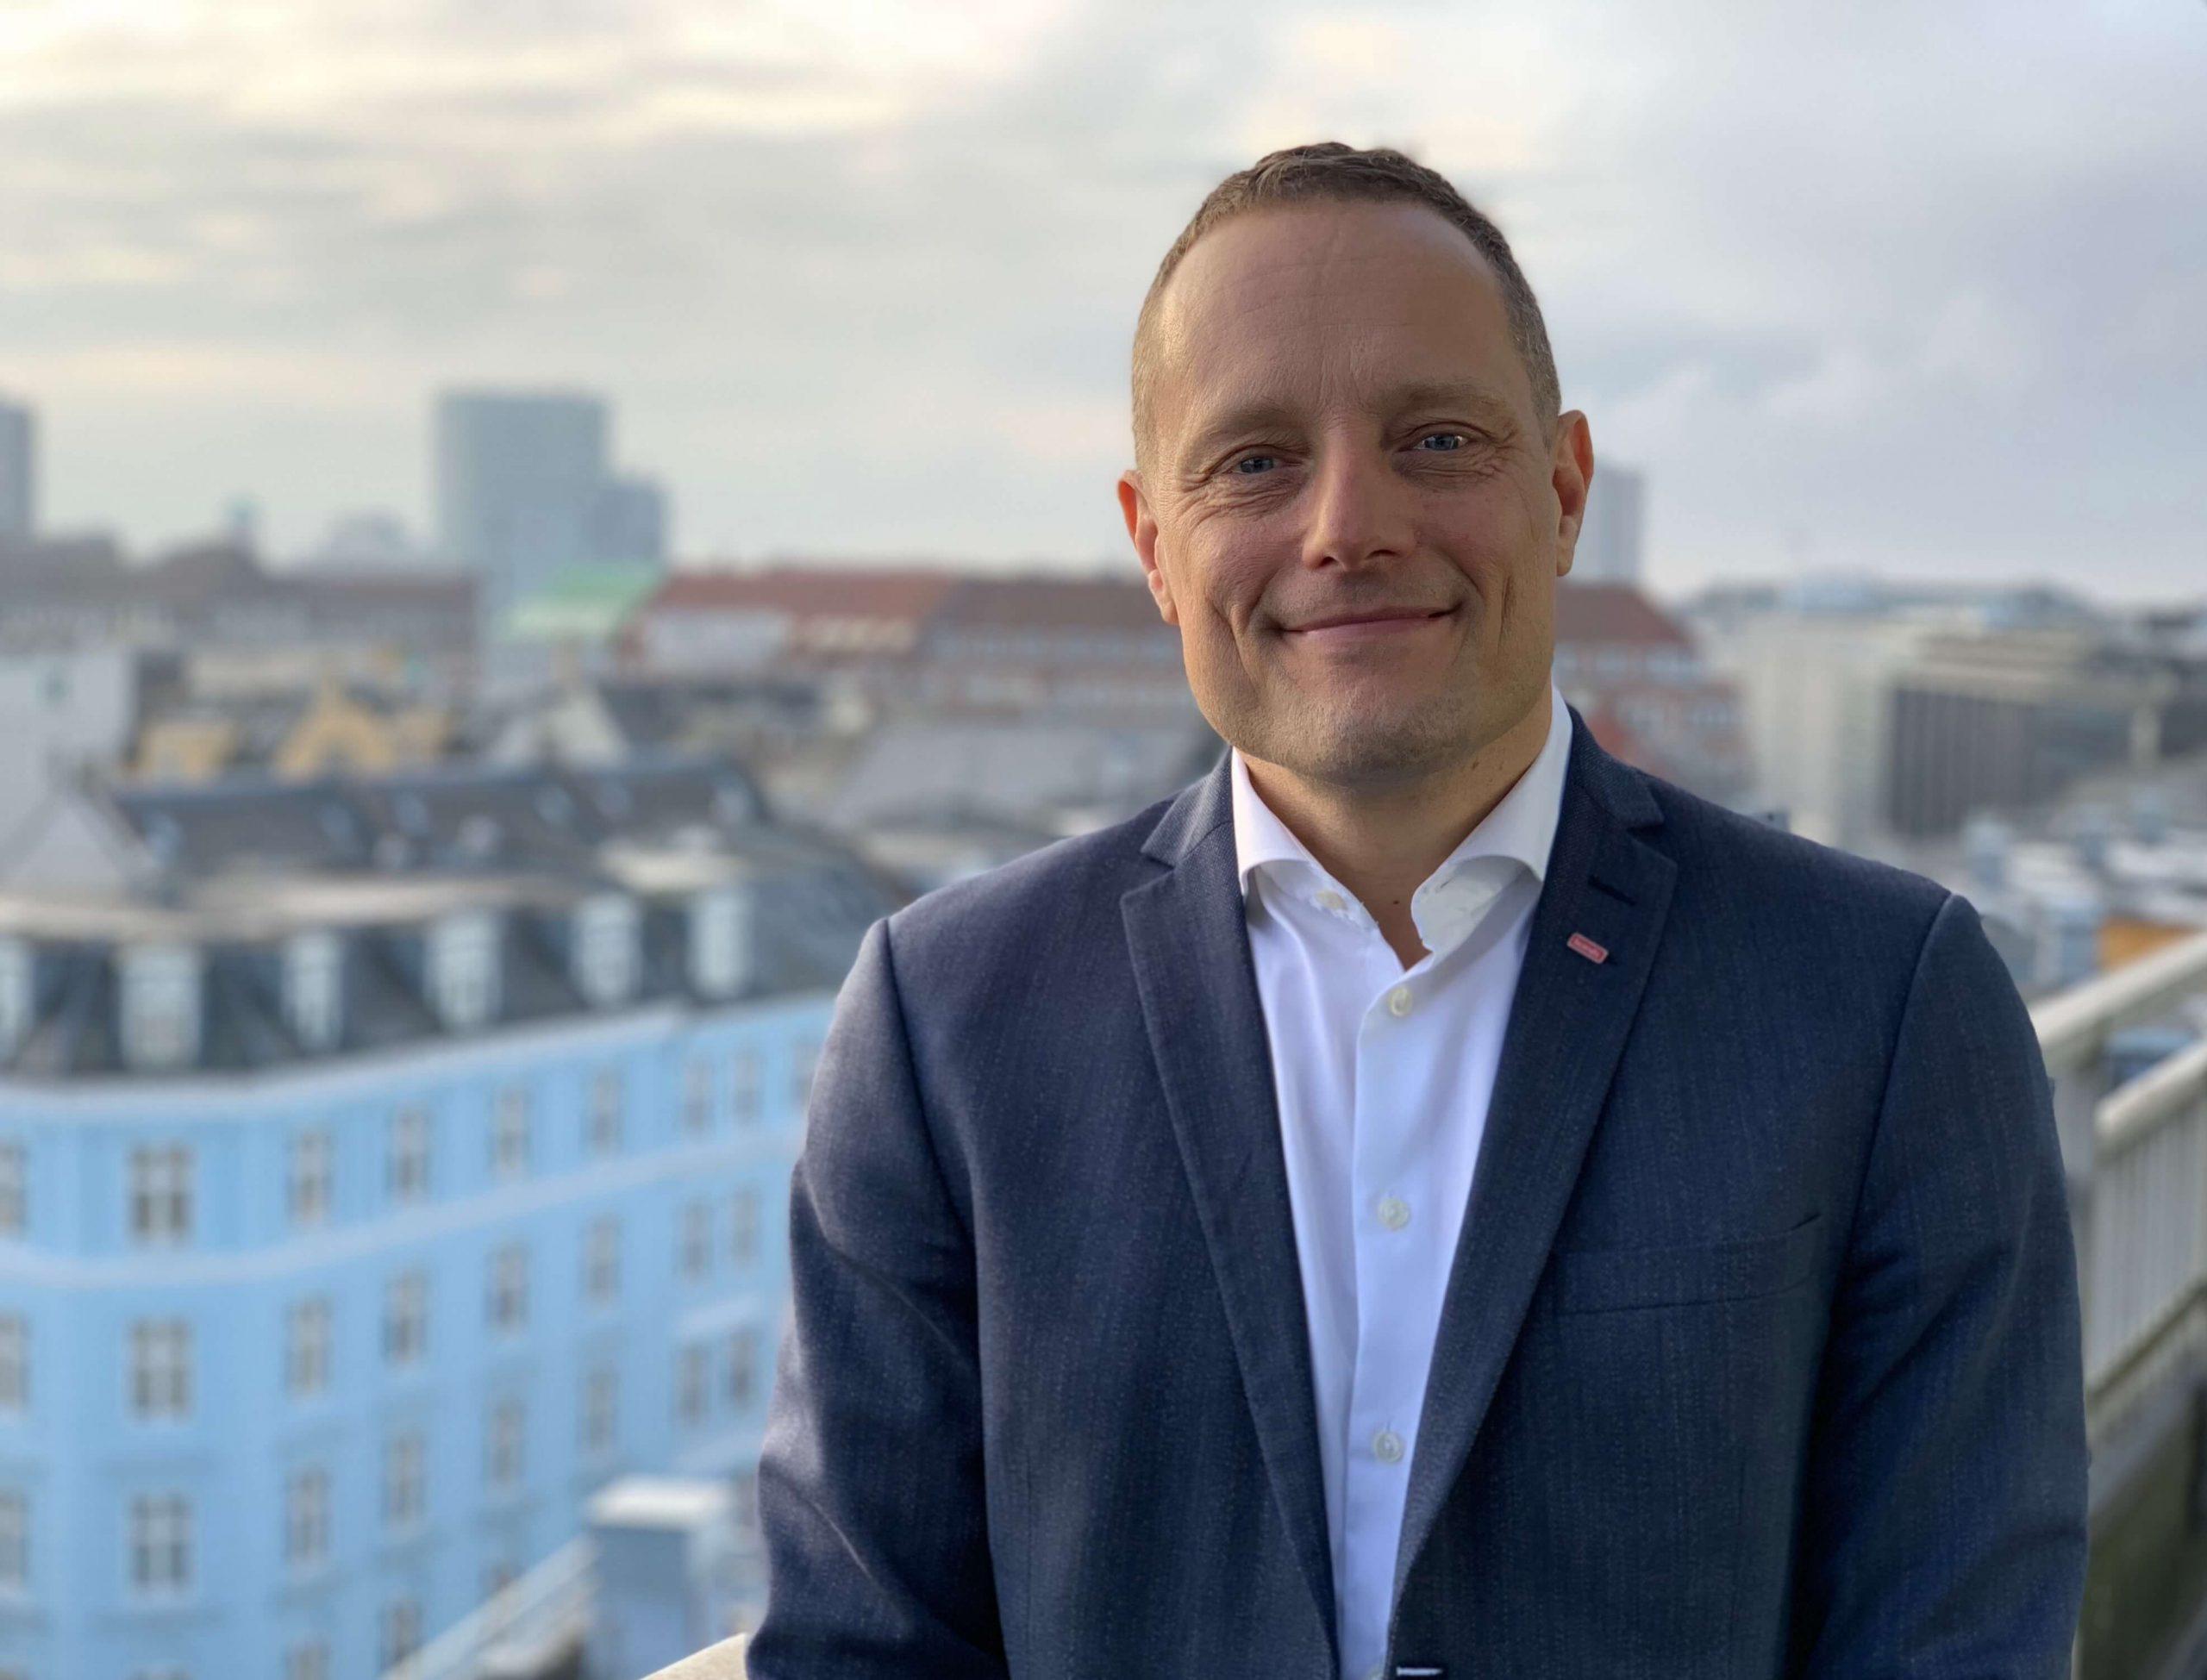 Søren Faerber er udnævnt til ny administrerende direktør for Scandic i Danmark. Han afløser Jens Mathiesen, der tidligere på måneden blev udnævnt til president og CEO for Scandic koncernen. (Foto: Scandic)